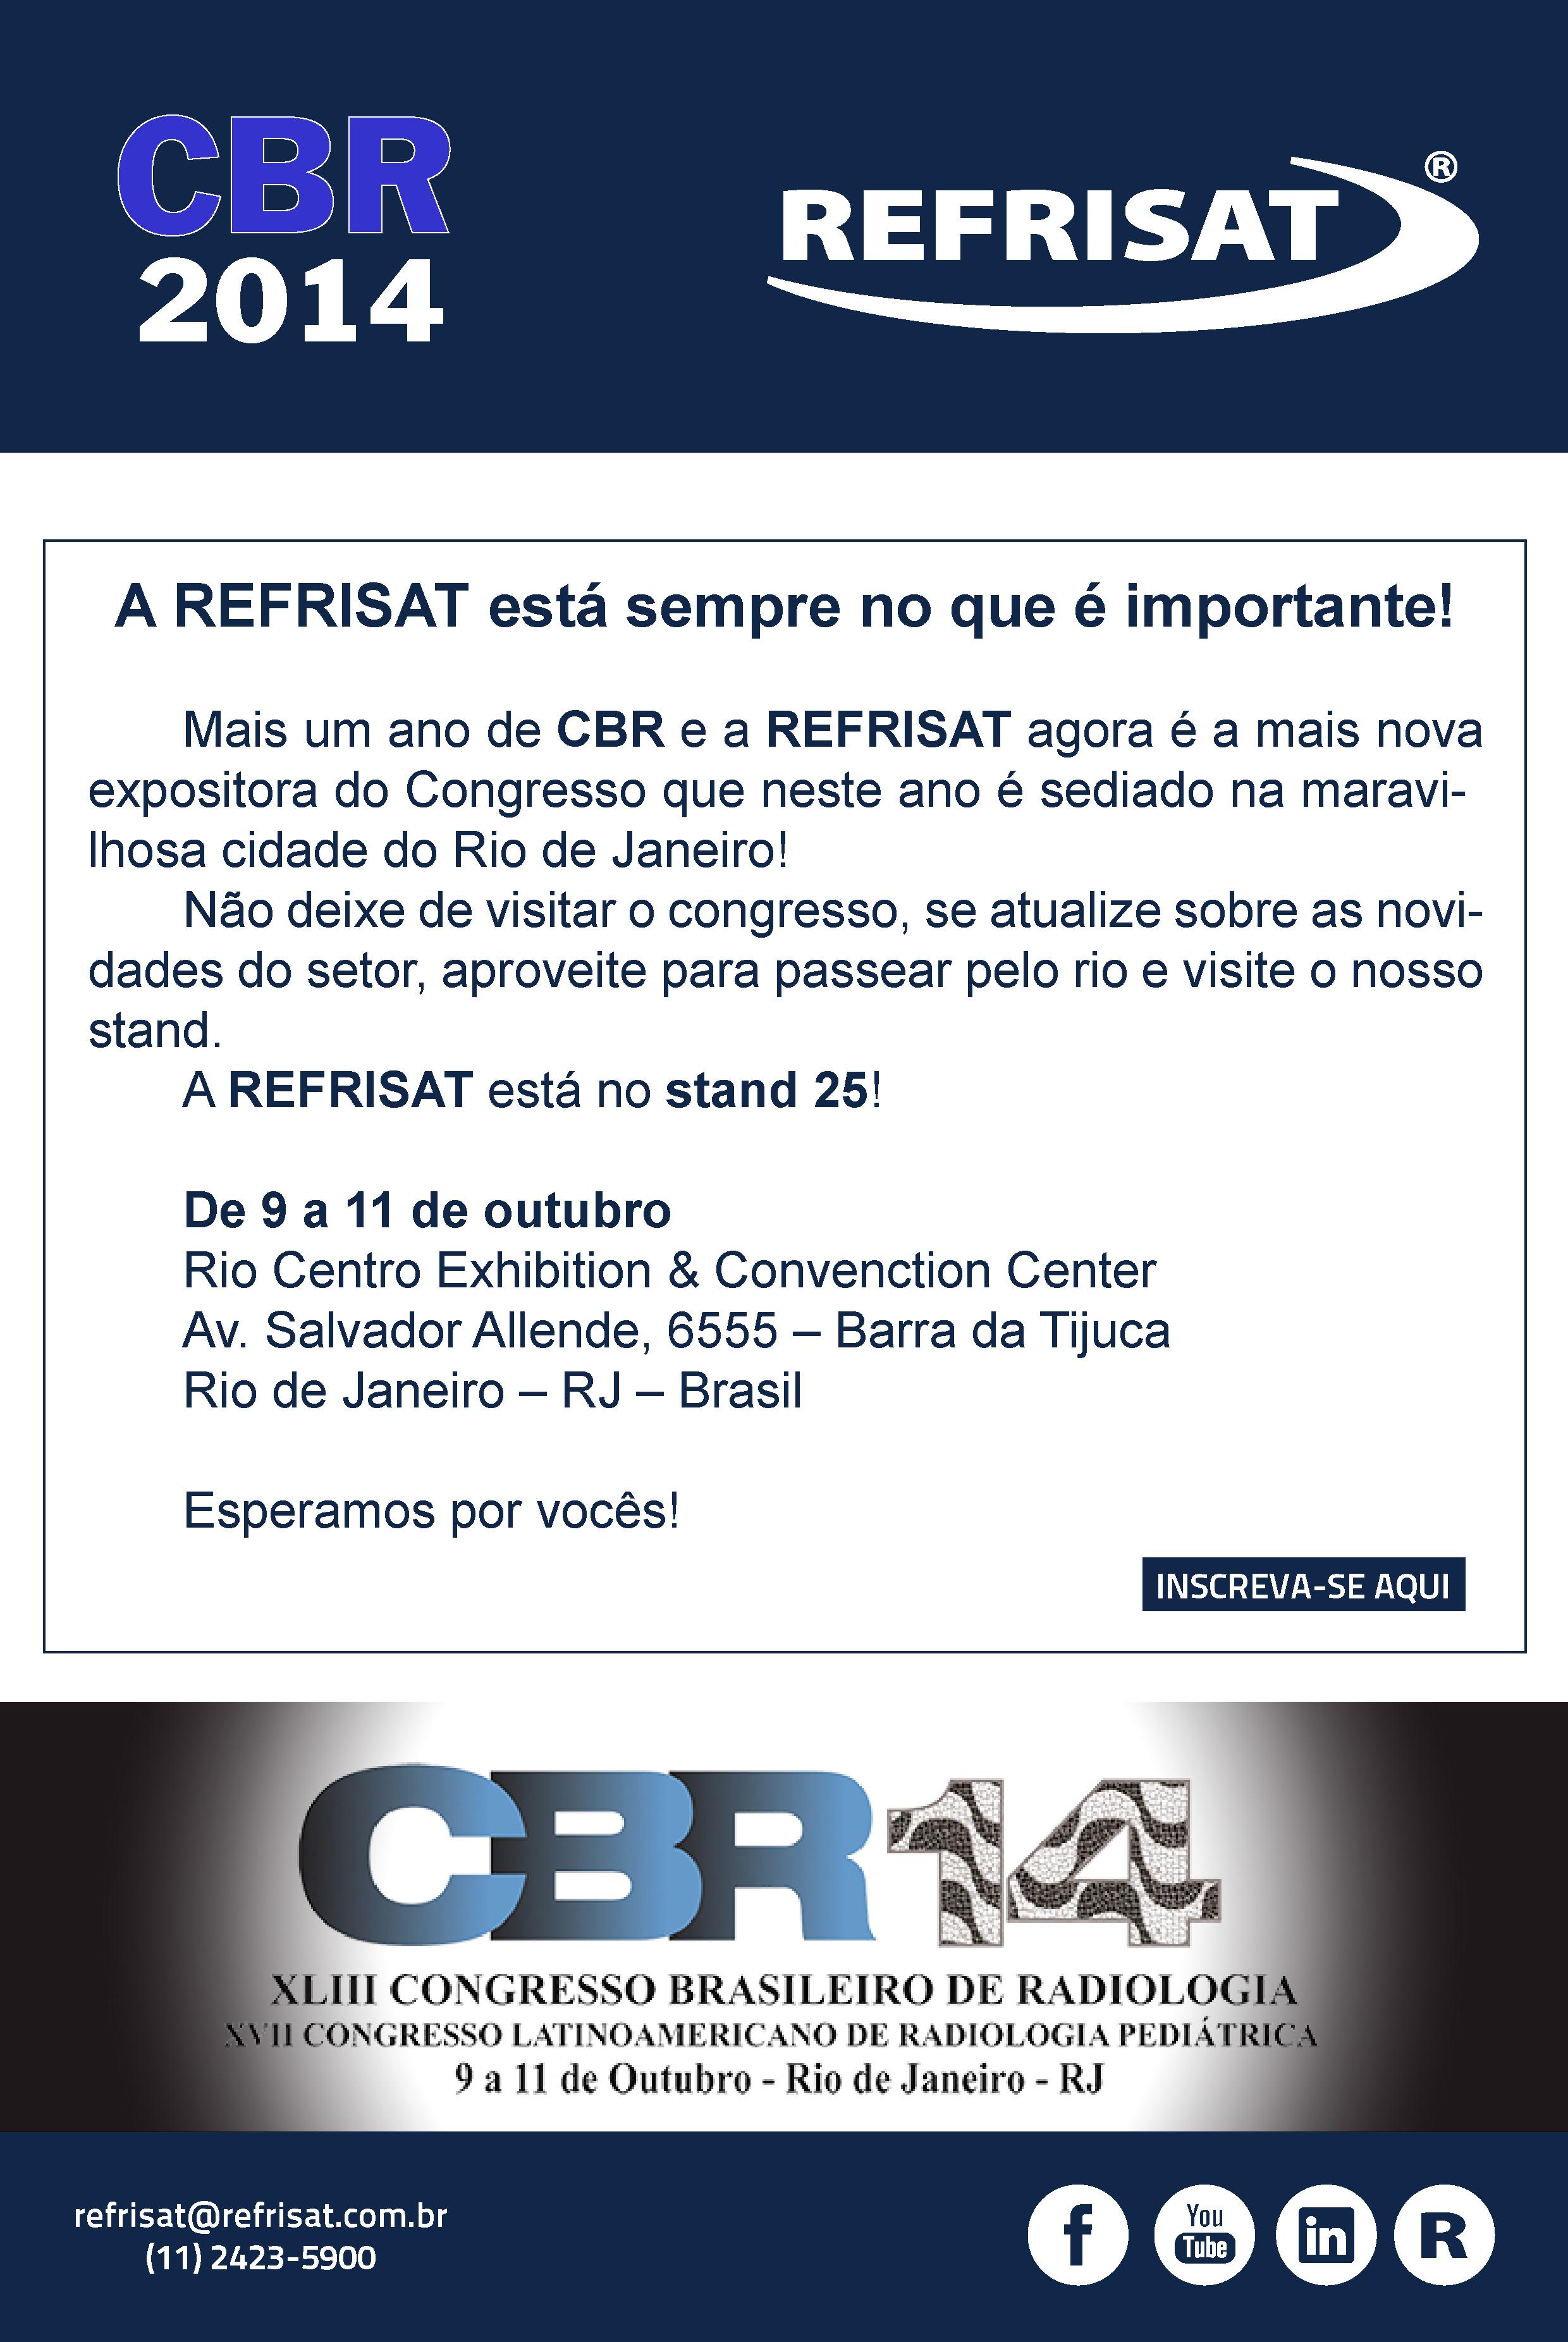 Visite a REFRISAT no CBR 2014